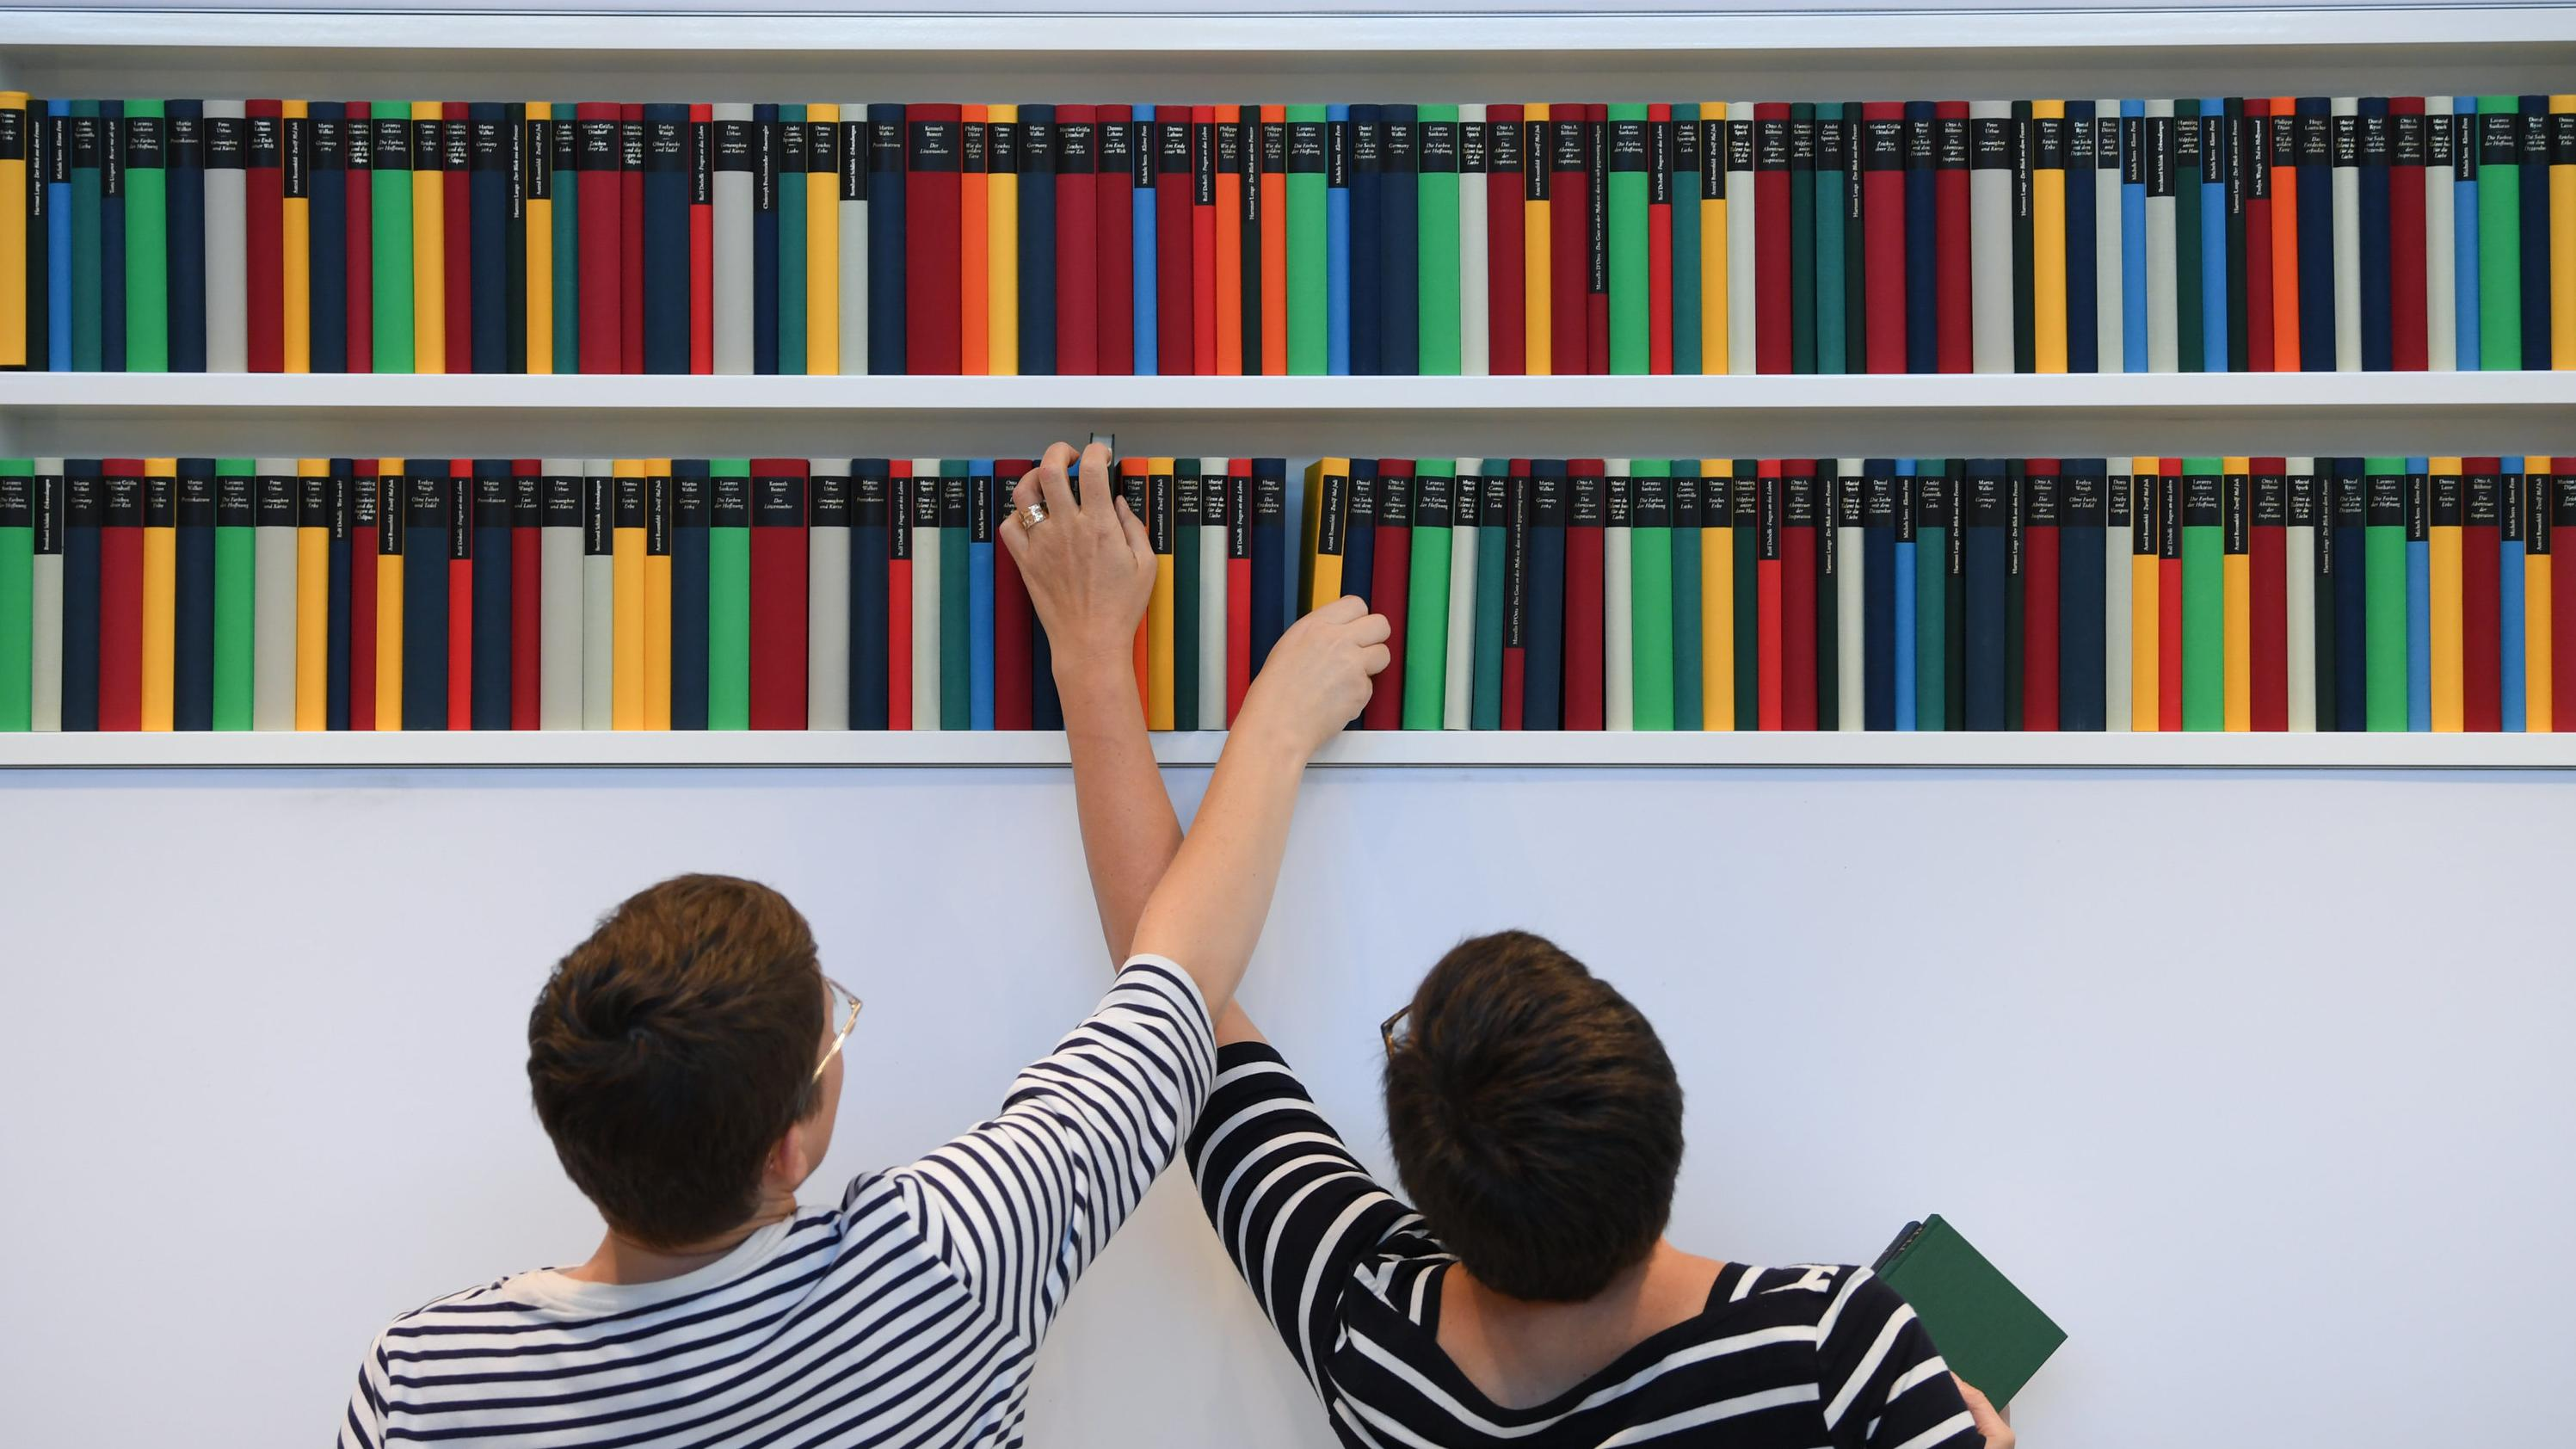 Zwei Frauen greifen nach Büchern in einem Bücherregal